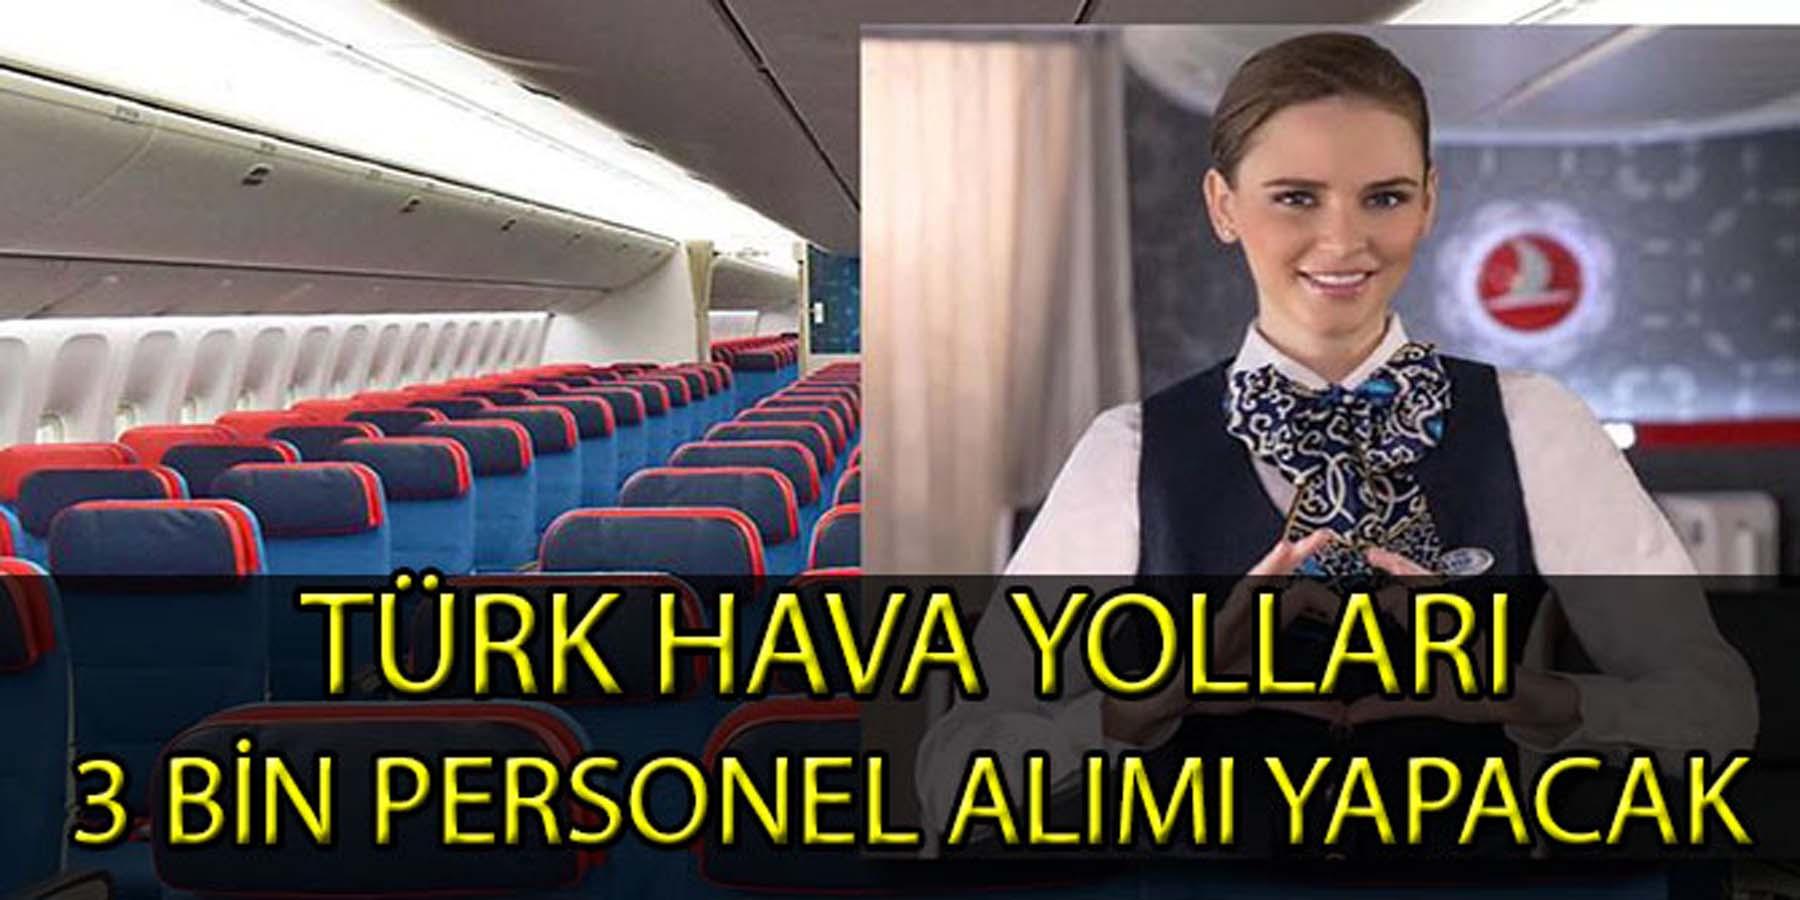 Türk Hava Yolları 3 Bin Personel Alımı Yapacak